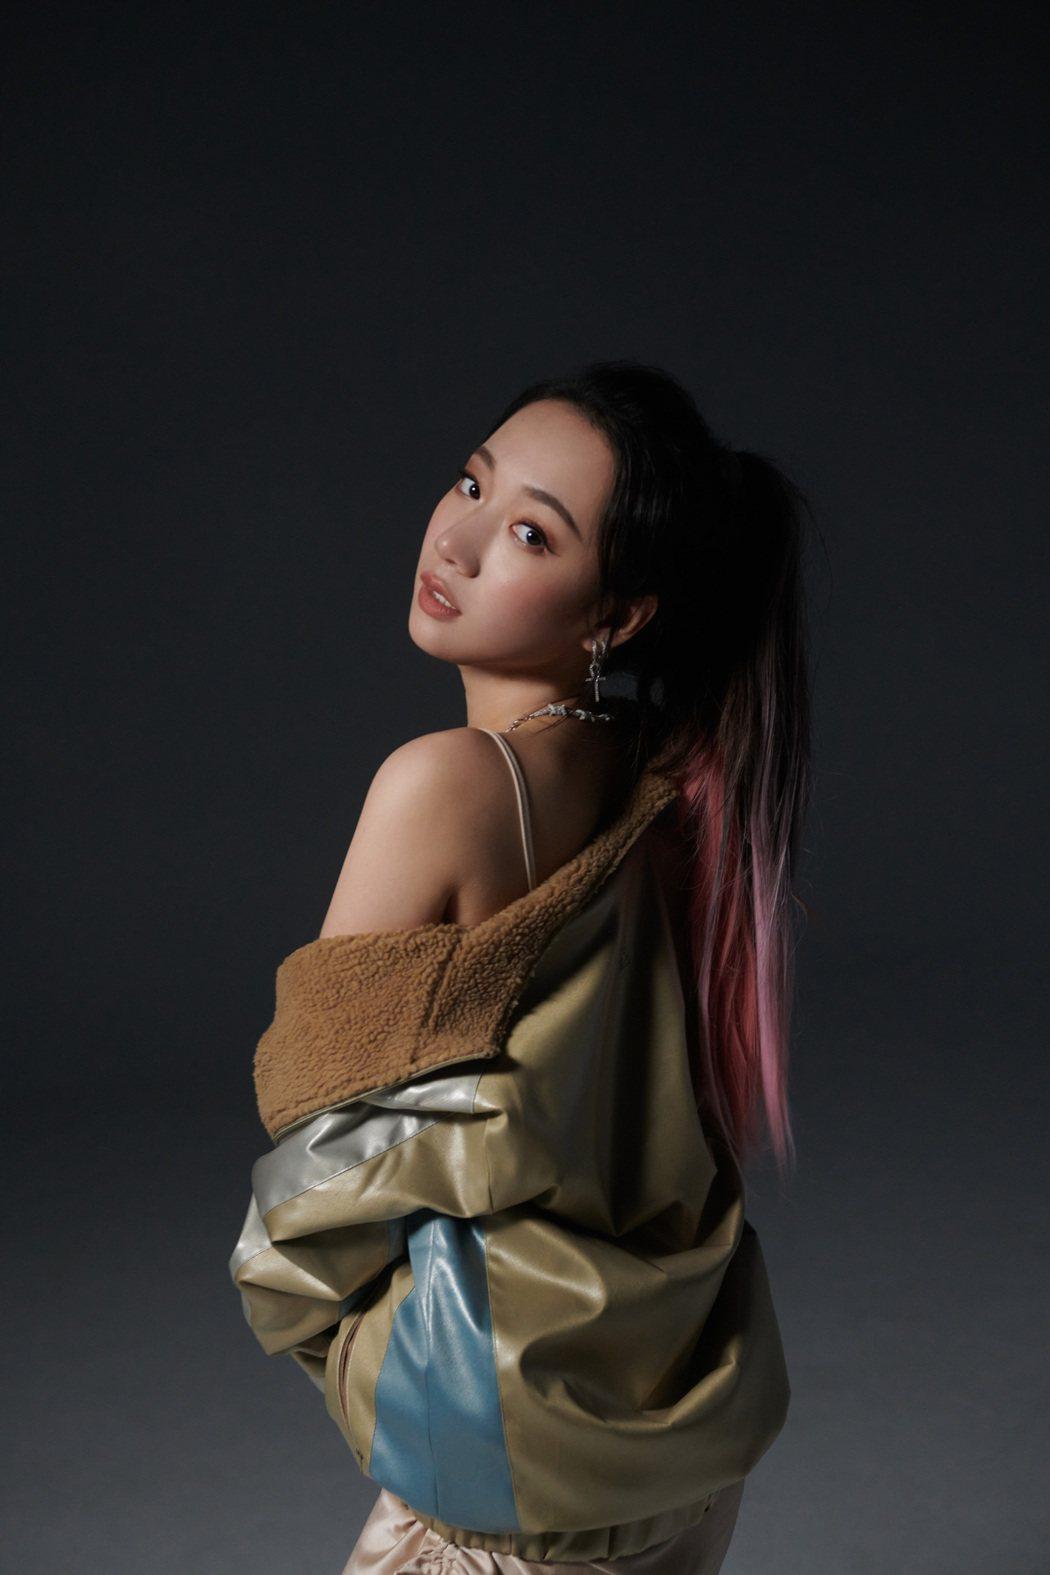 吳卓源宣布於9月12日開唱。圖/寬宏藝術、華風數位提供